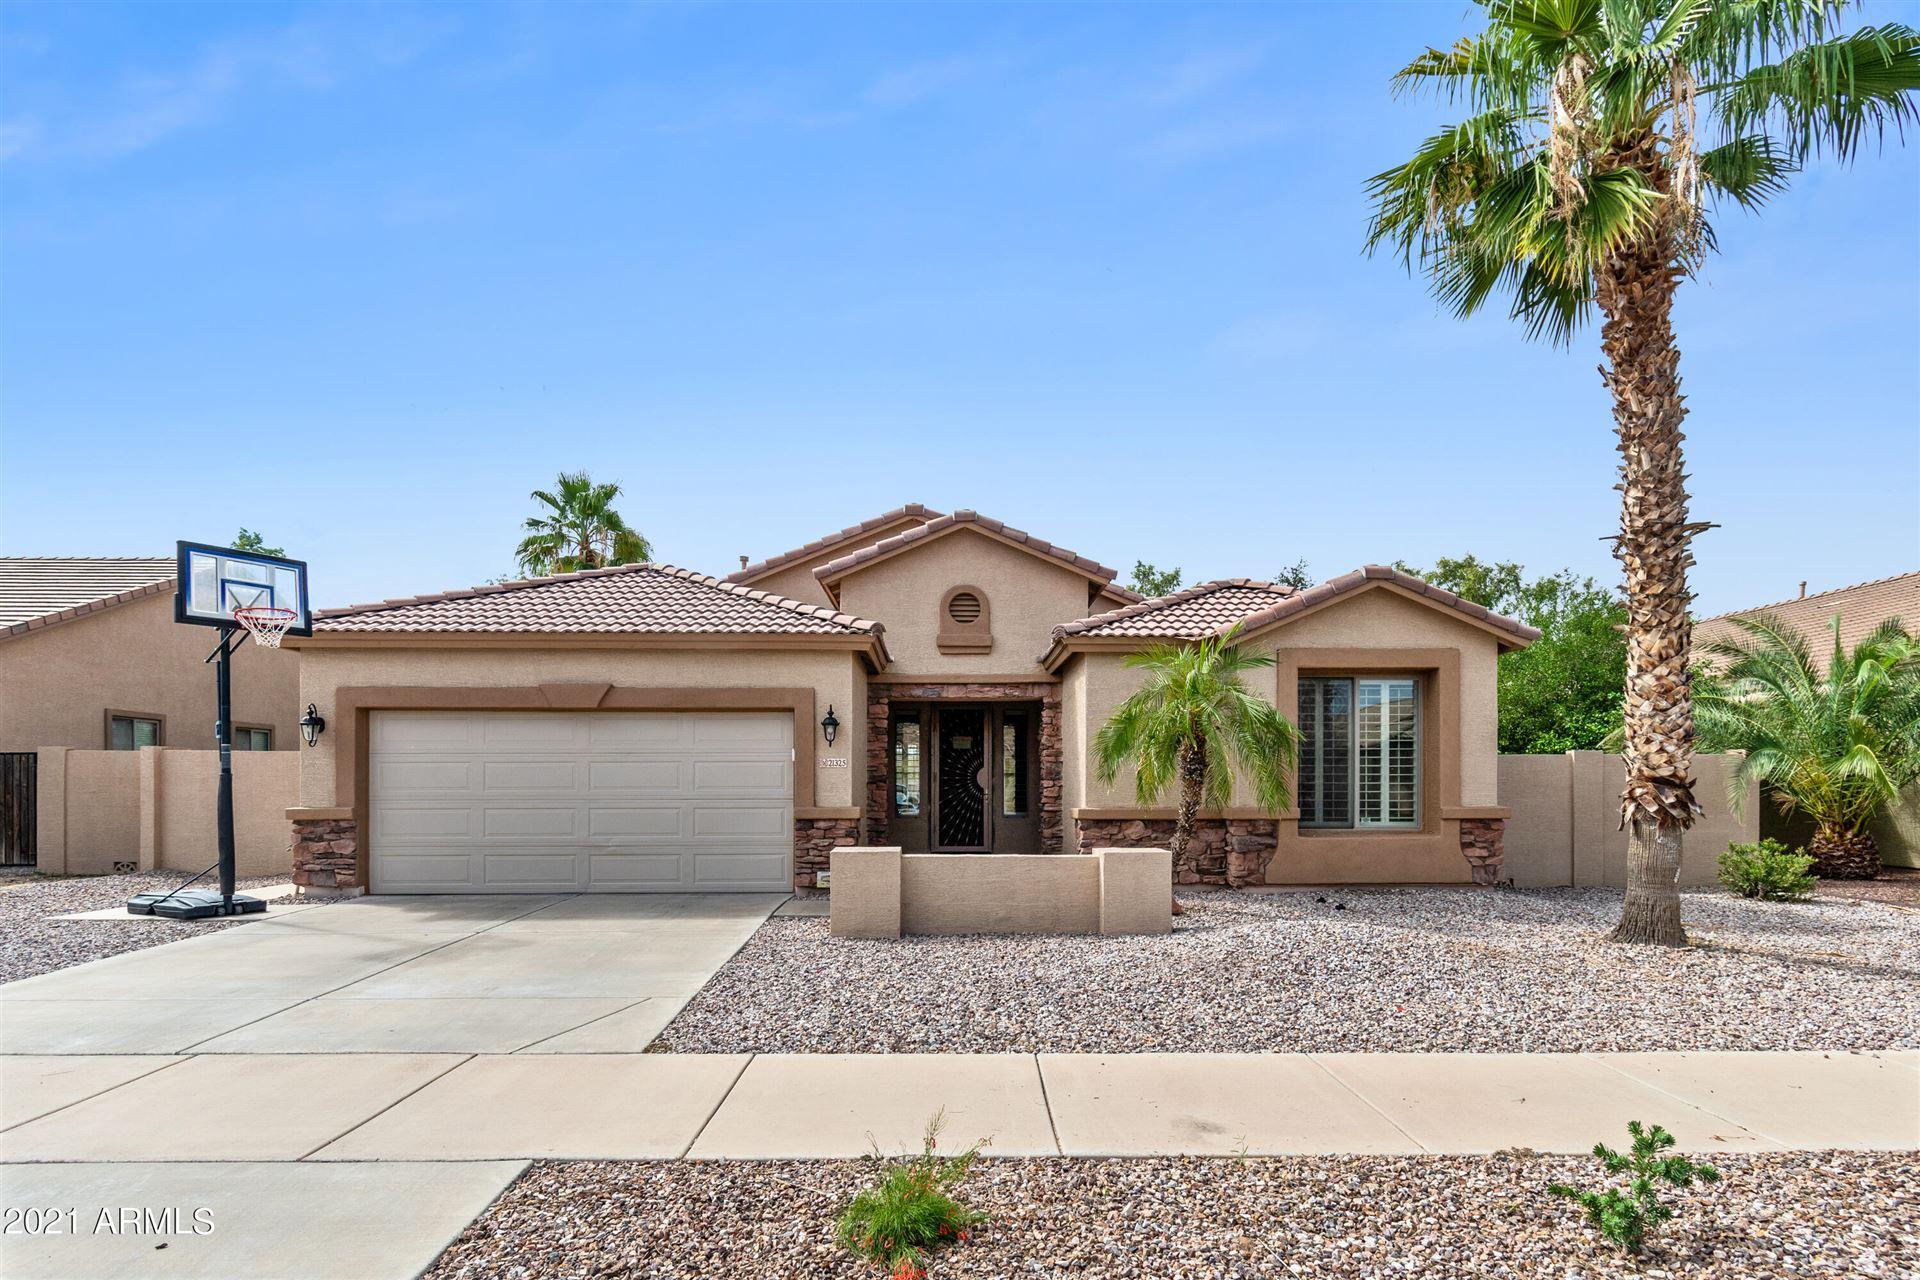 Photo of 21325 E CALLE DE FLORES --, Queen Creek, AZ 85142 (MLS # 6307404)